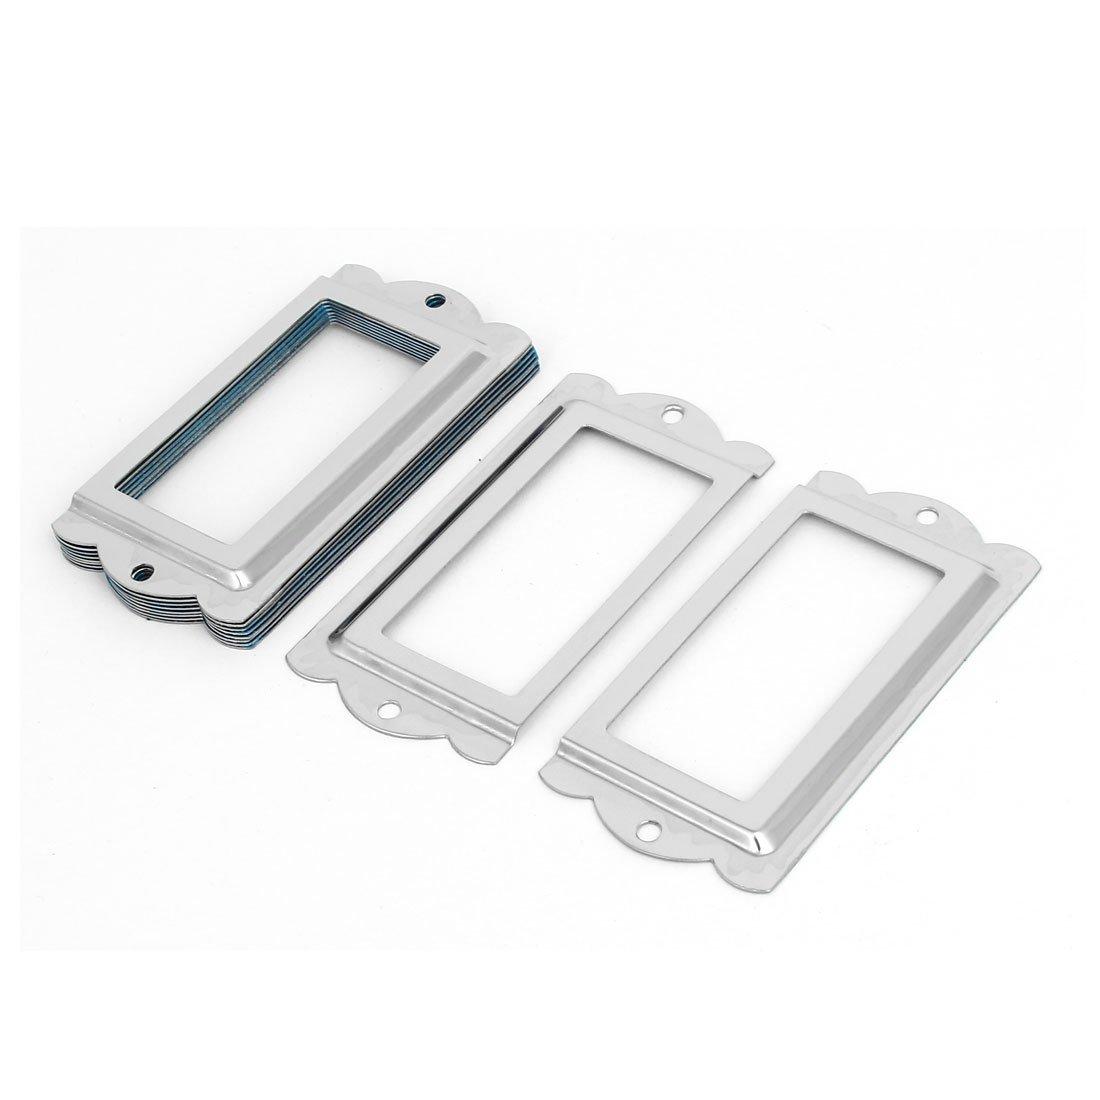 sourcingmap® Coffret tiroir porte-étiquettes Etiquette Cabinet ton argent Images 85mm x 42mm 10PCS a16121200ux1220